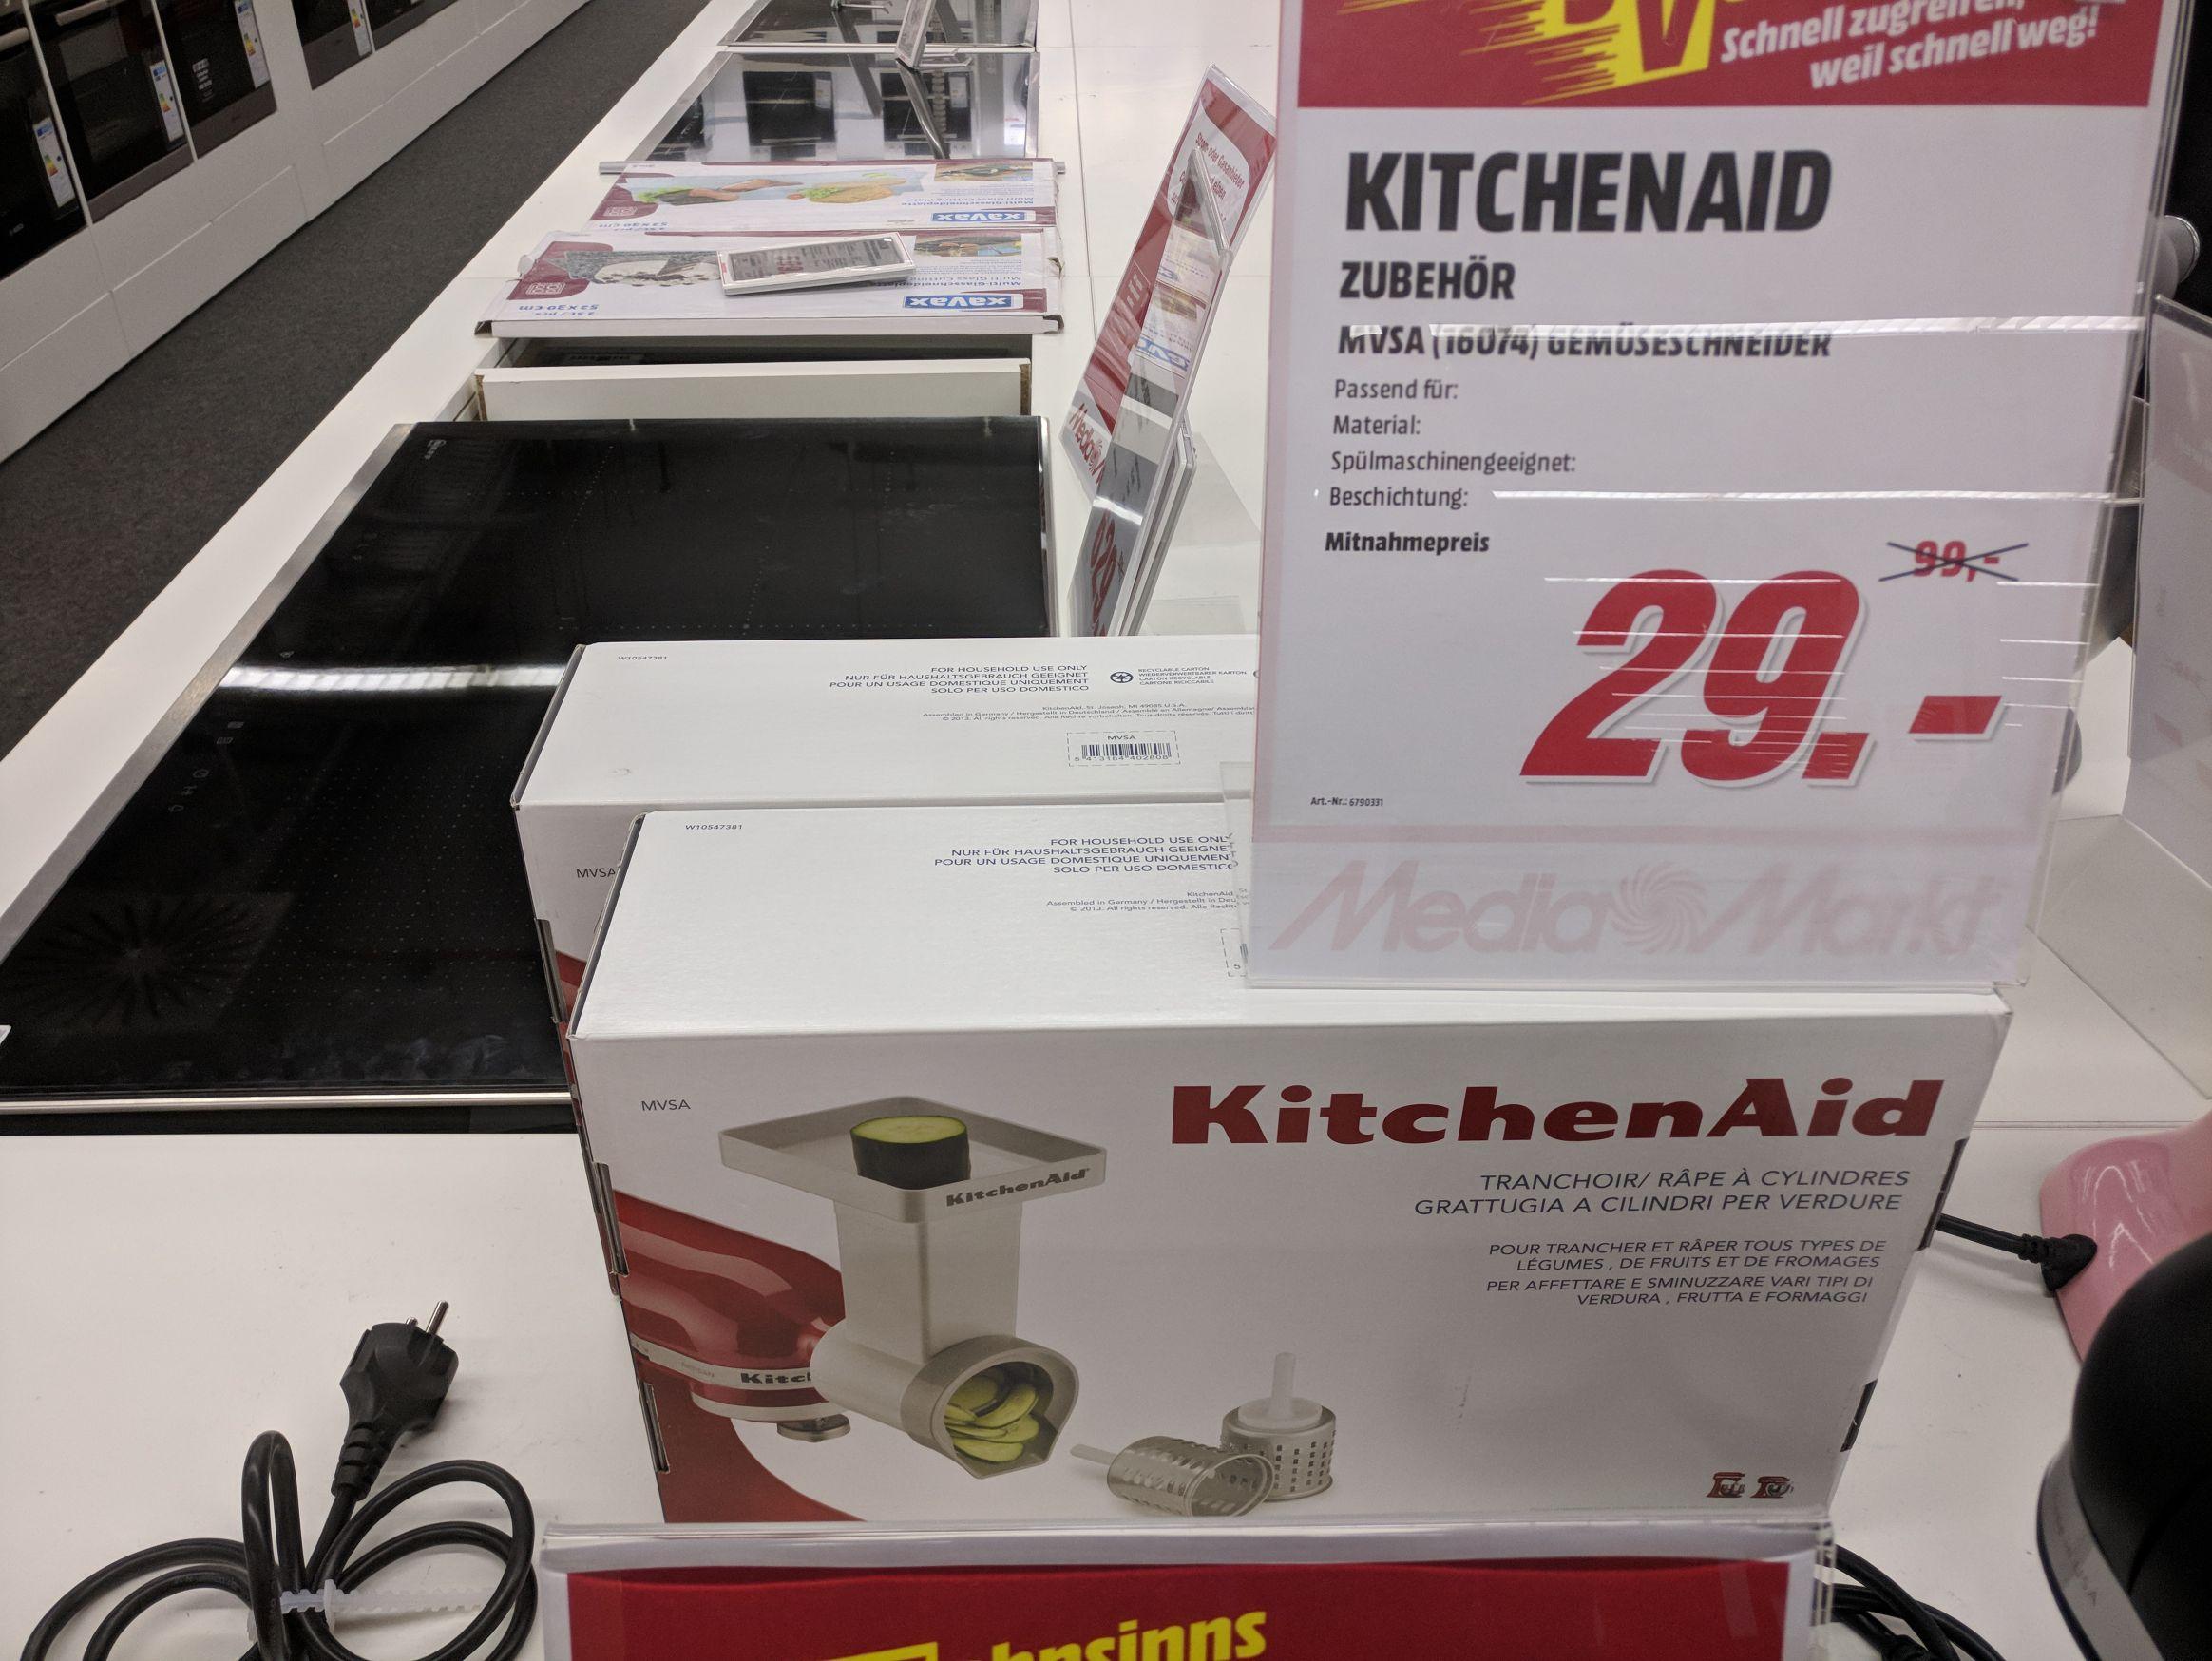 [Lokal Media Markt Frankfurt Main Taunus Zentrum] KitchenAid Gemüseschneider für 29 Euro